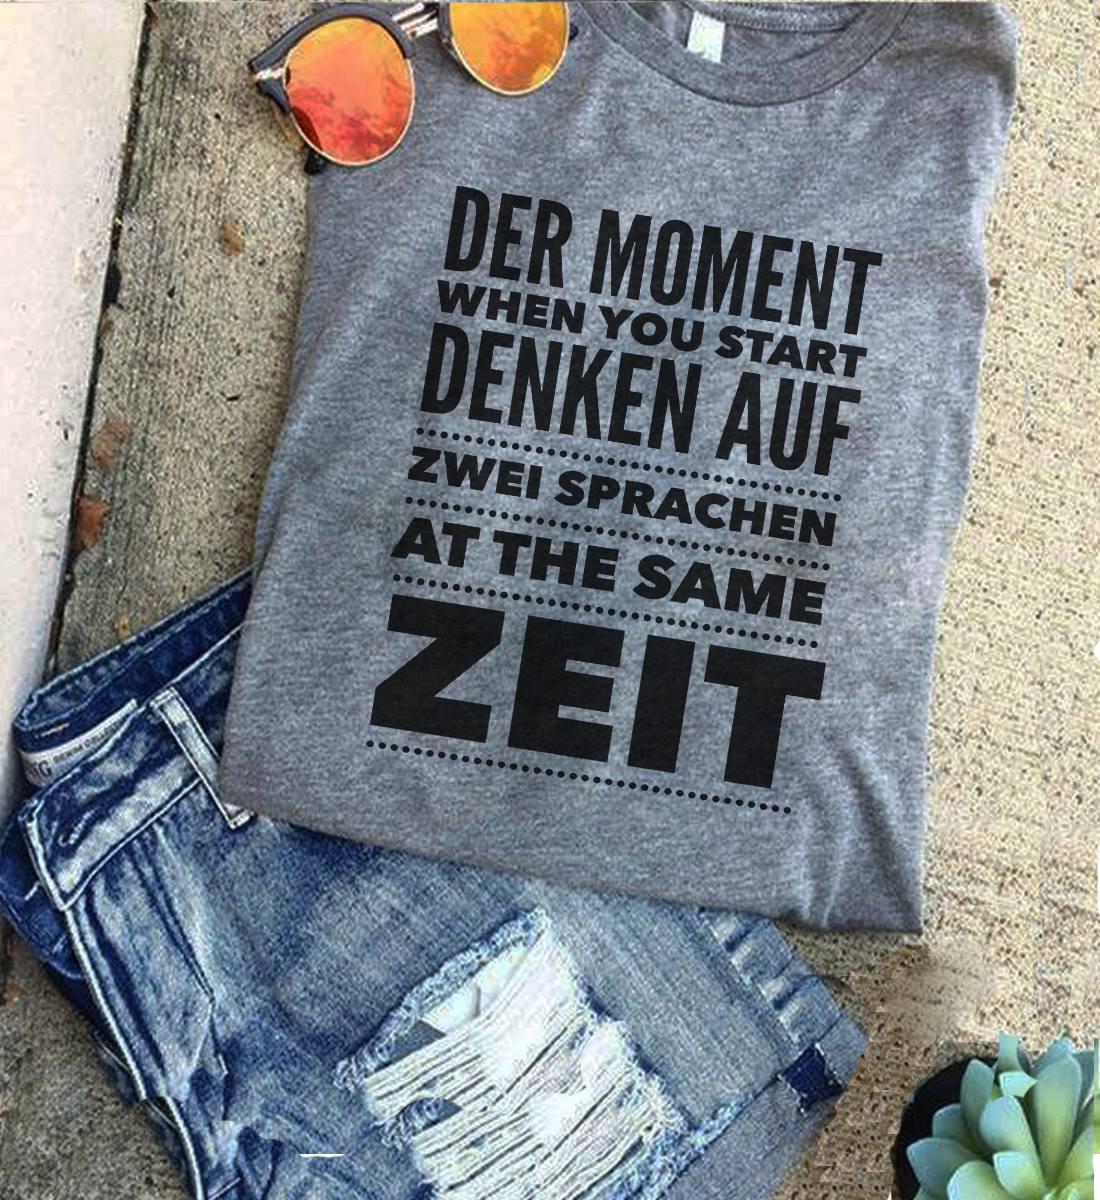 German Shirt Der Moment When You Start Denken Auf Zwei Sprachen